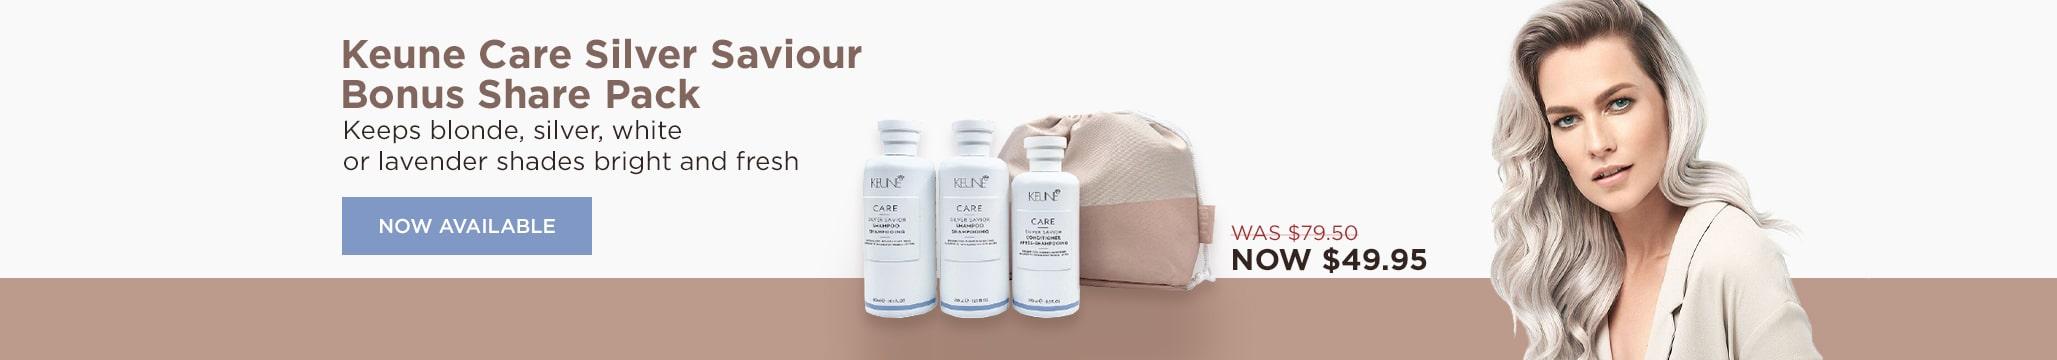 Keune Care Silver Saviour Bonus Share Pack